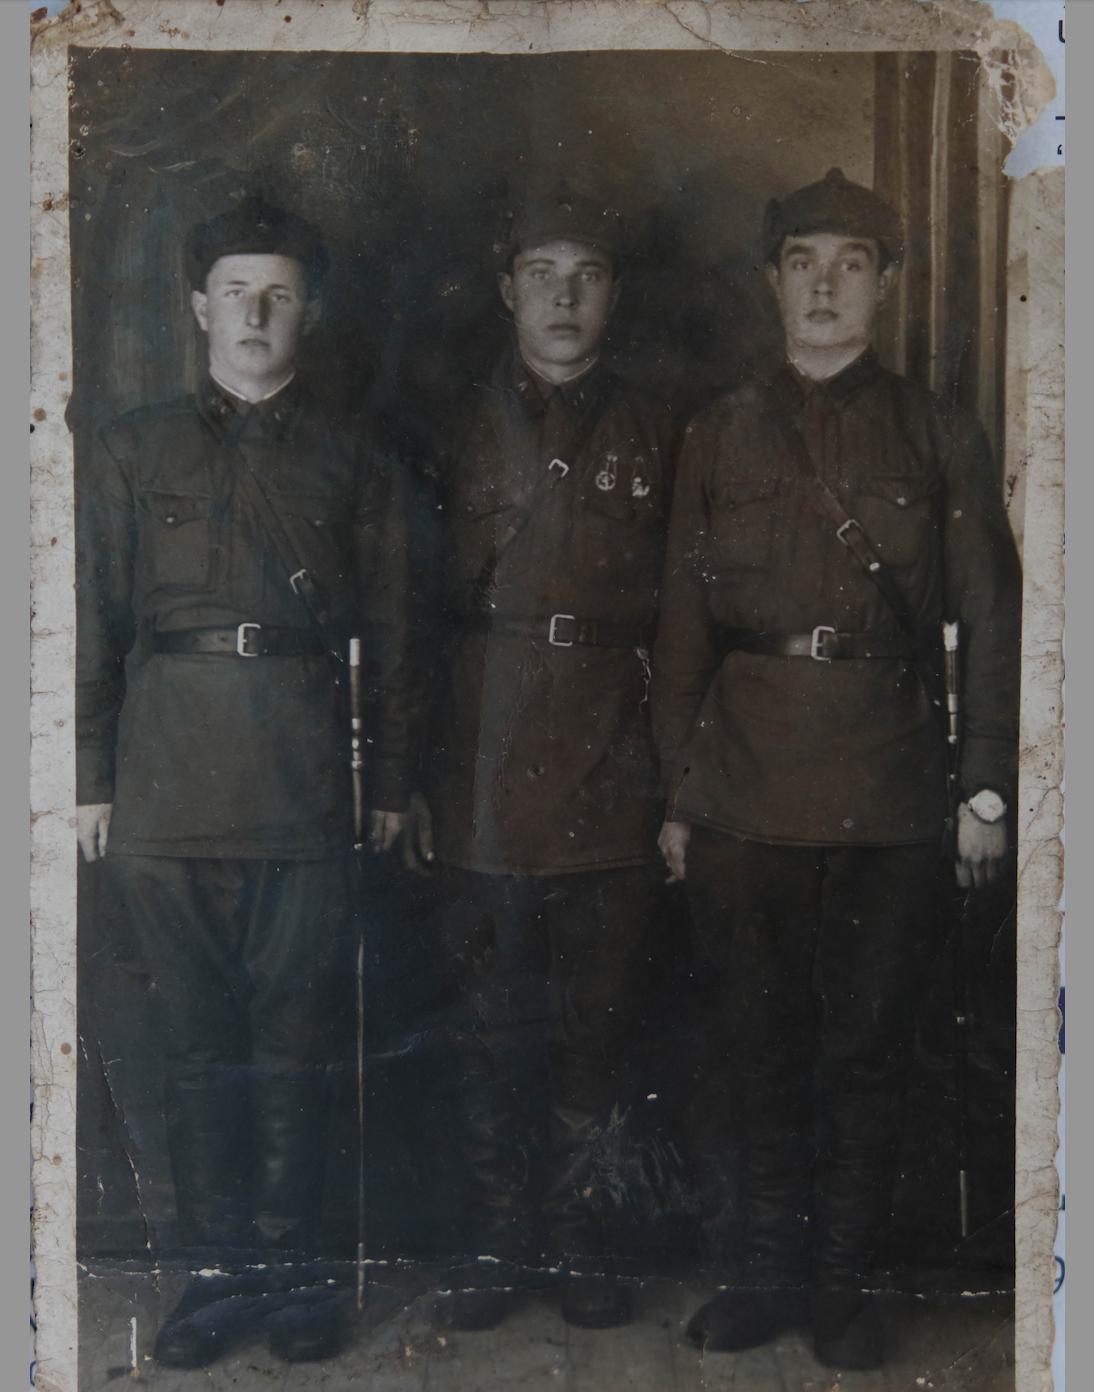 Ivan avec ses camarades soviétiques